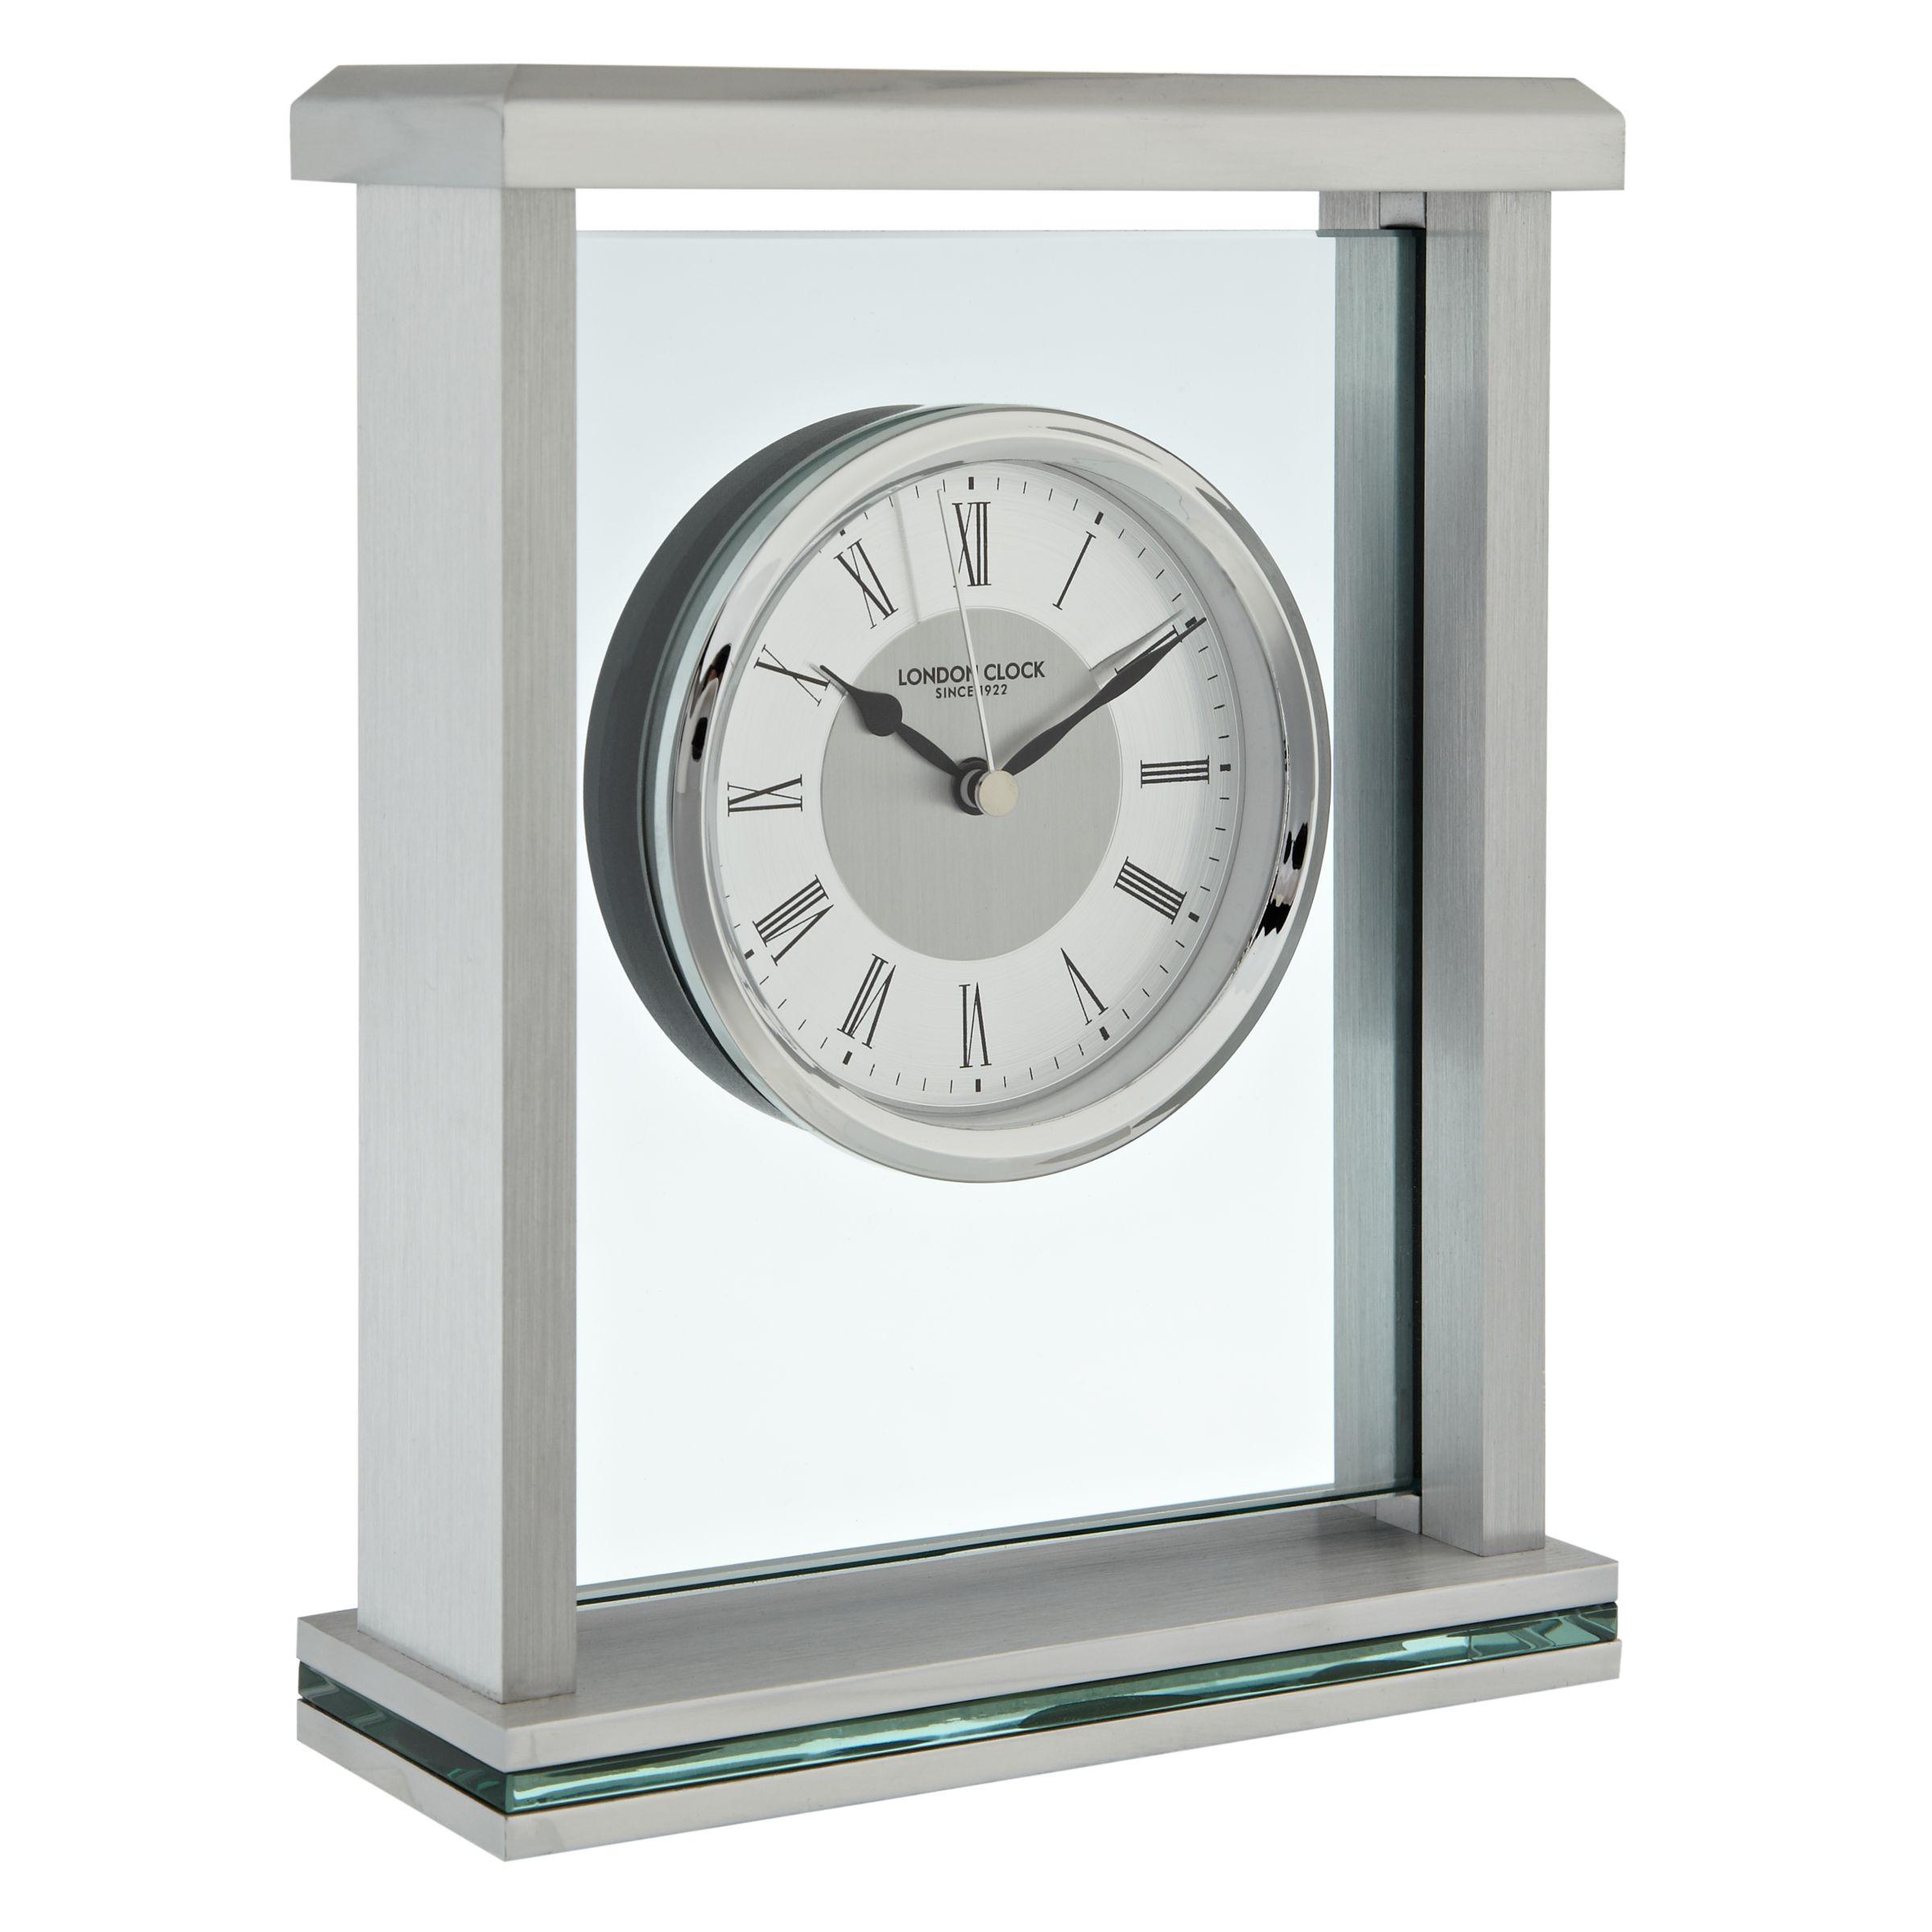 London Clock Company London Clock Company 1922 Mantel Clock